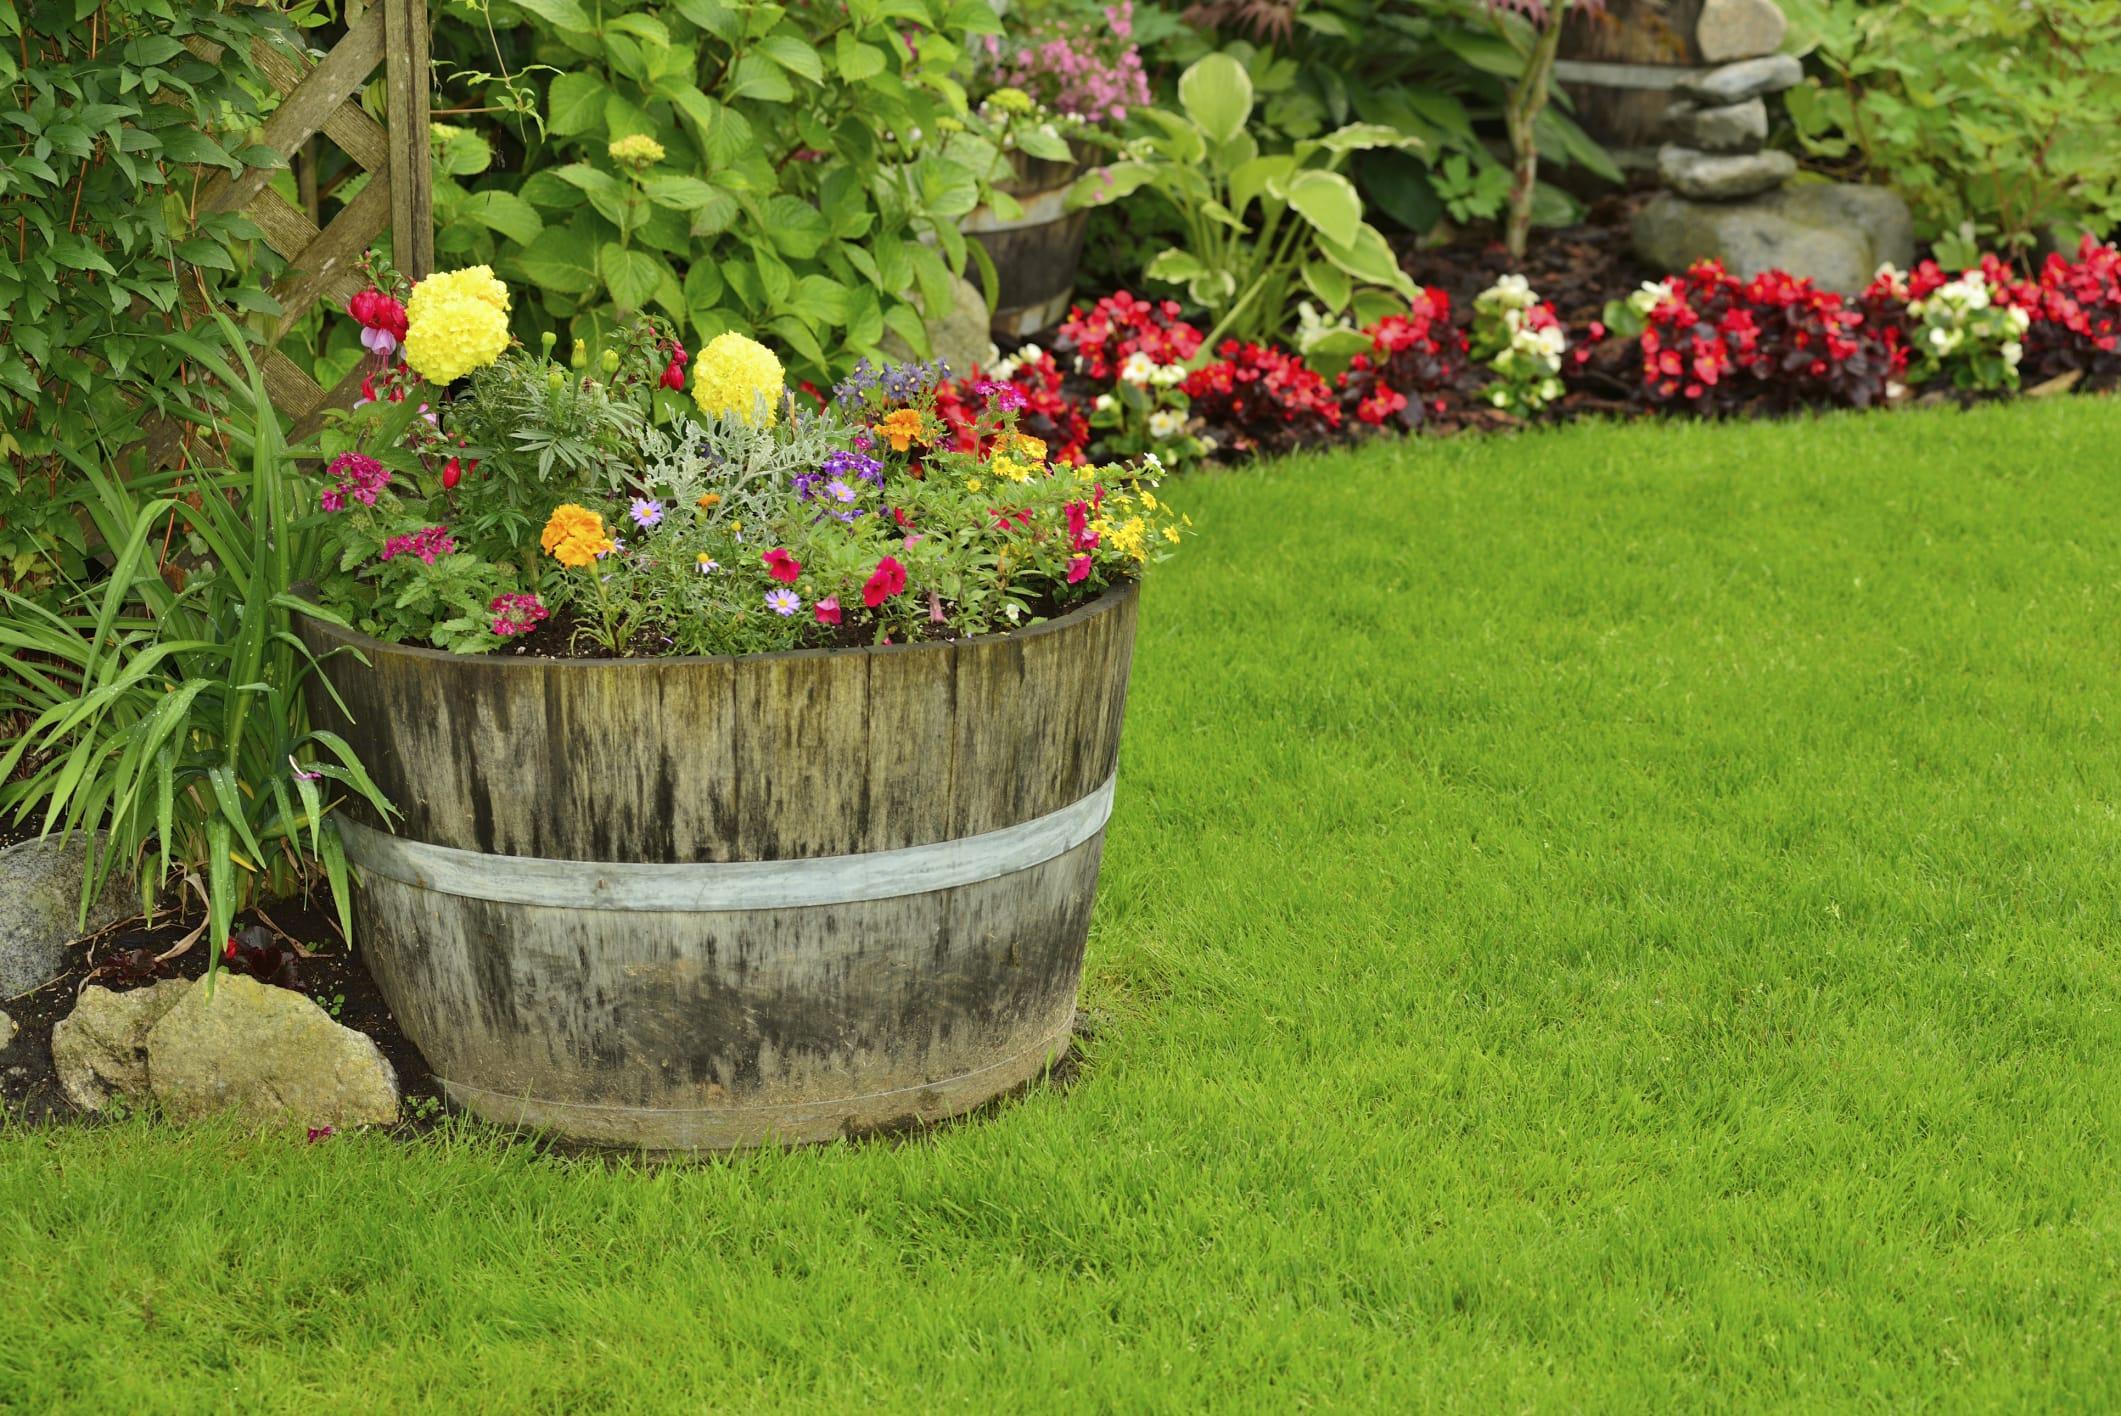 Benefici ortoterapia non sprecare - Acquisto terra per giardino ...